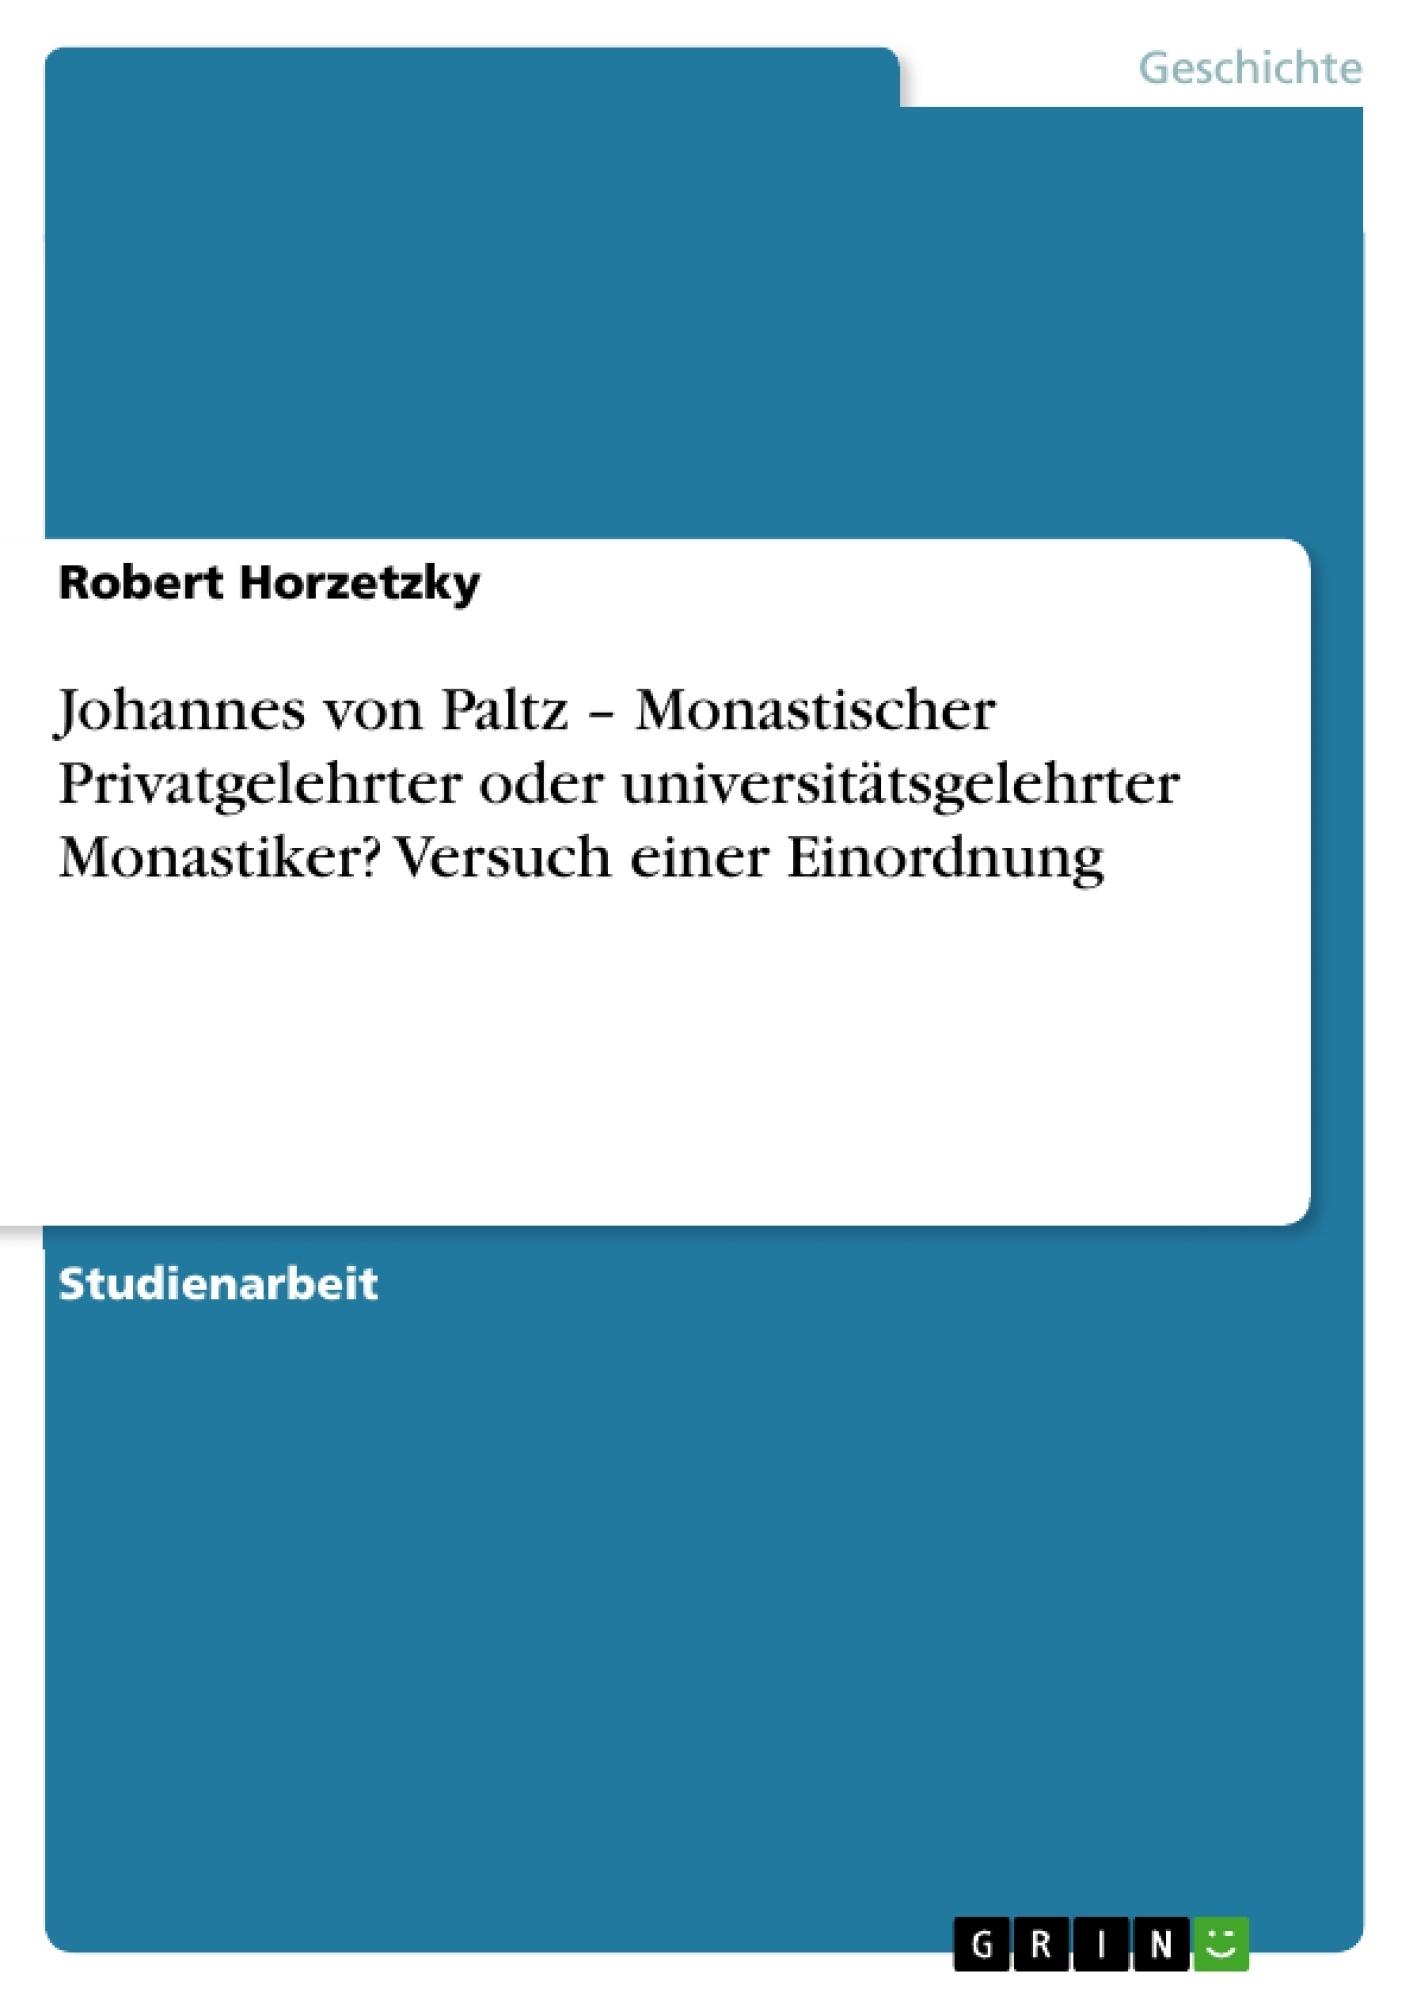 Titel: Johannes von Paltz – Monastischer Privatgelehrter oder universitätsgelehrter Monastiker? Versuch einer Einordnung